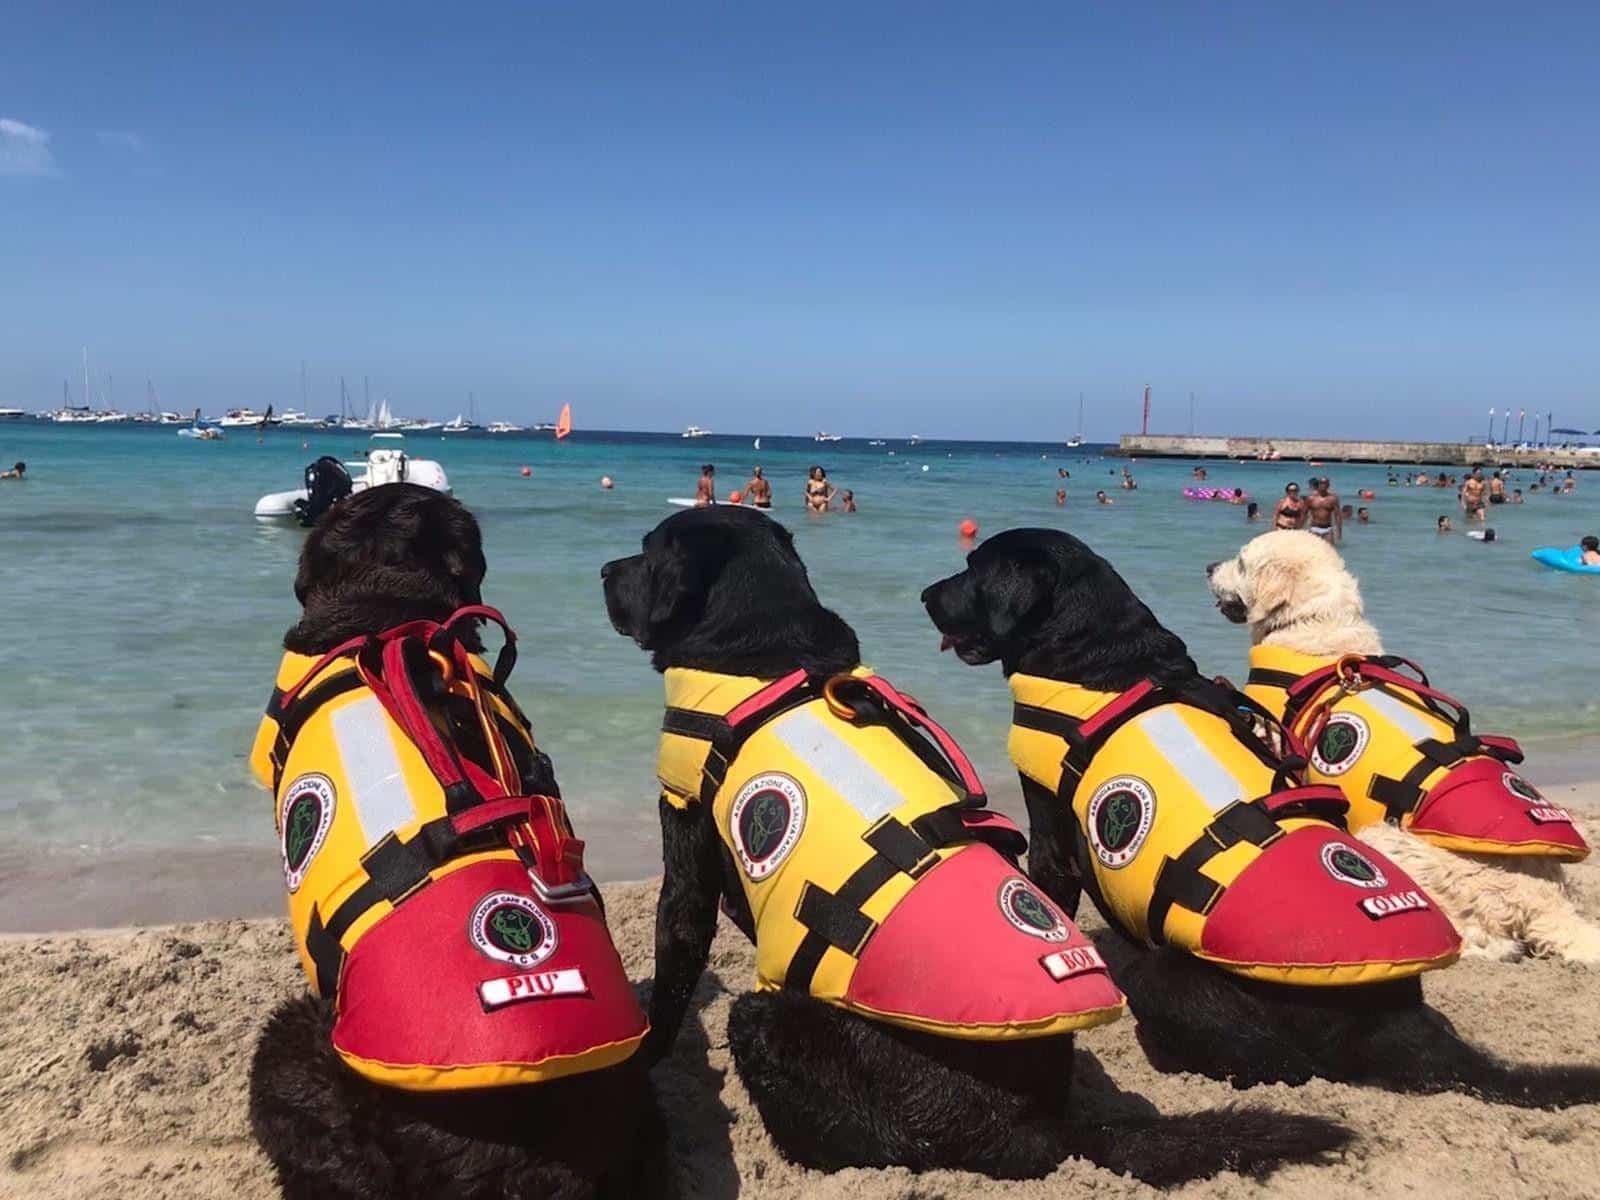 Spiagge libere a Catania, cani addestrati in azione alla Playa per operazioni di salvataggio in mare